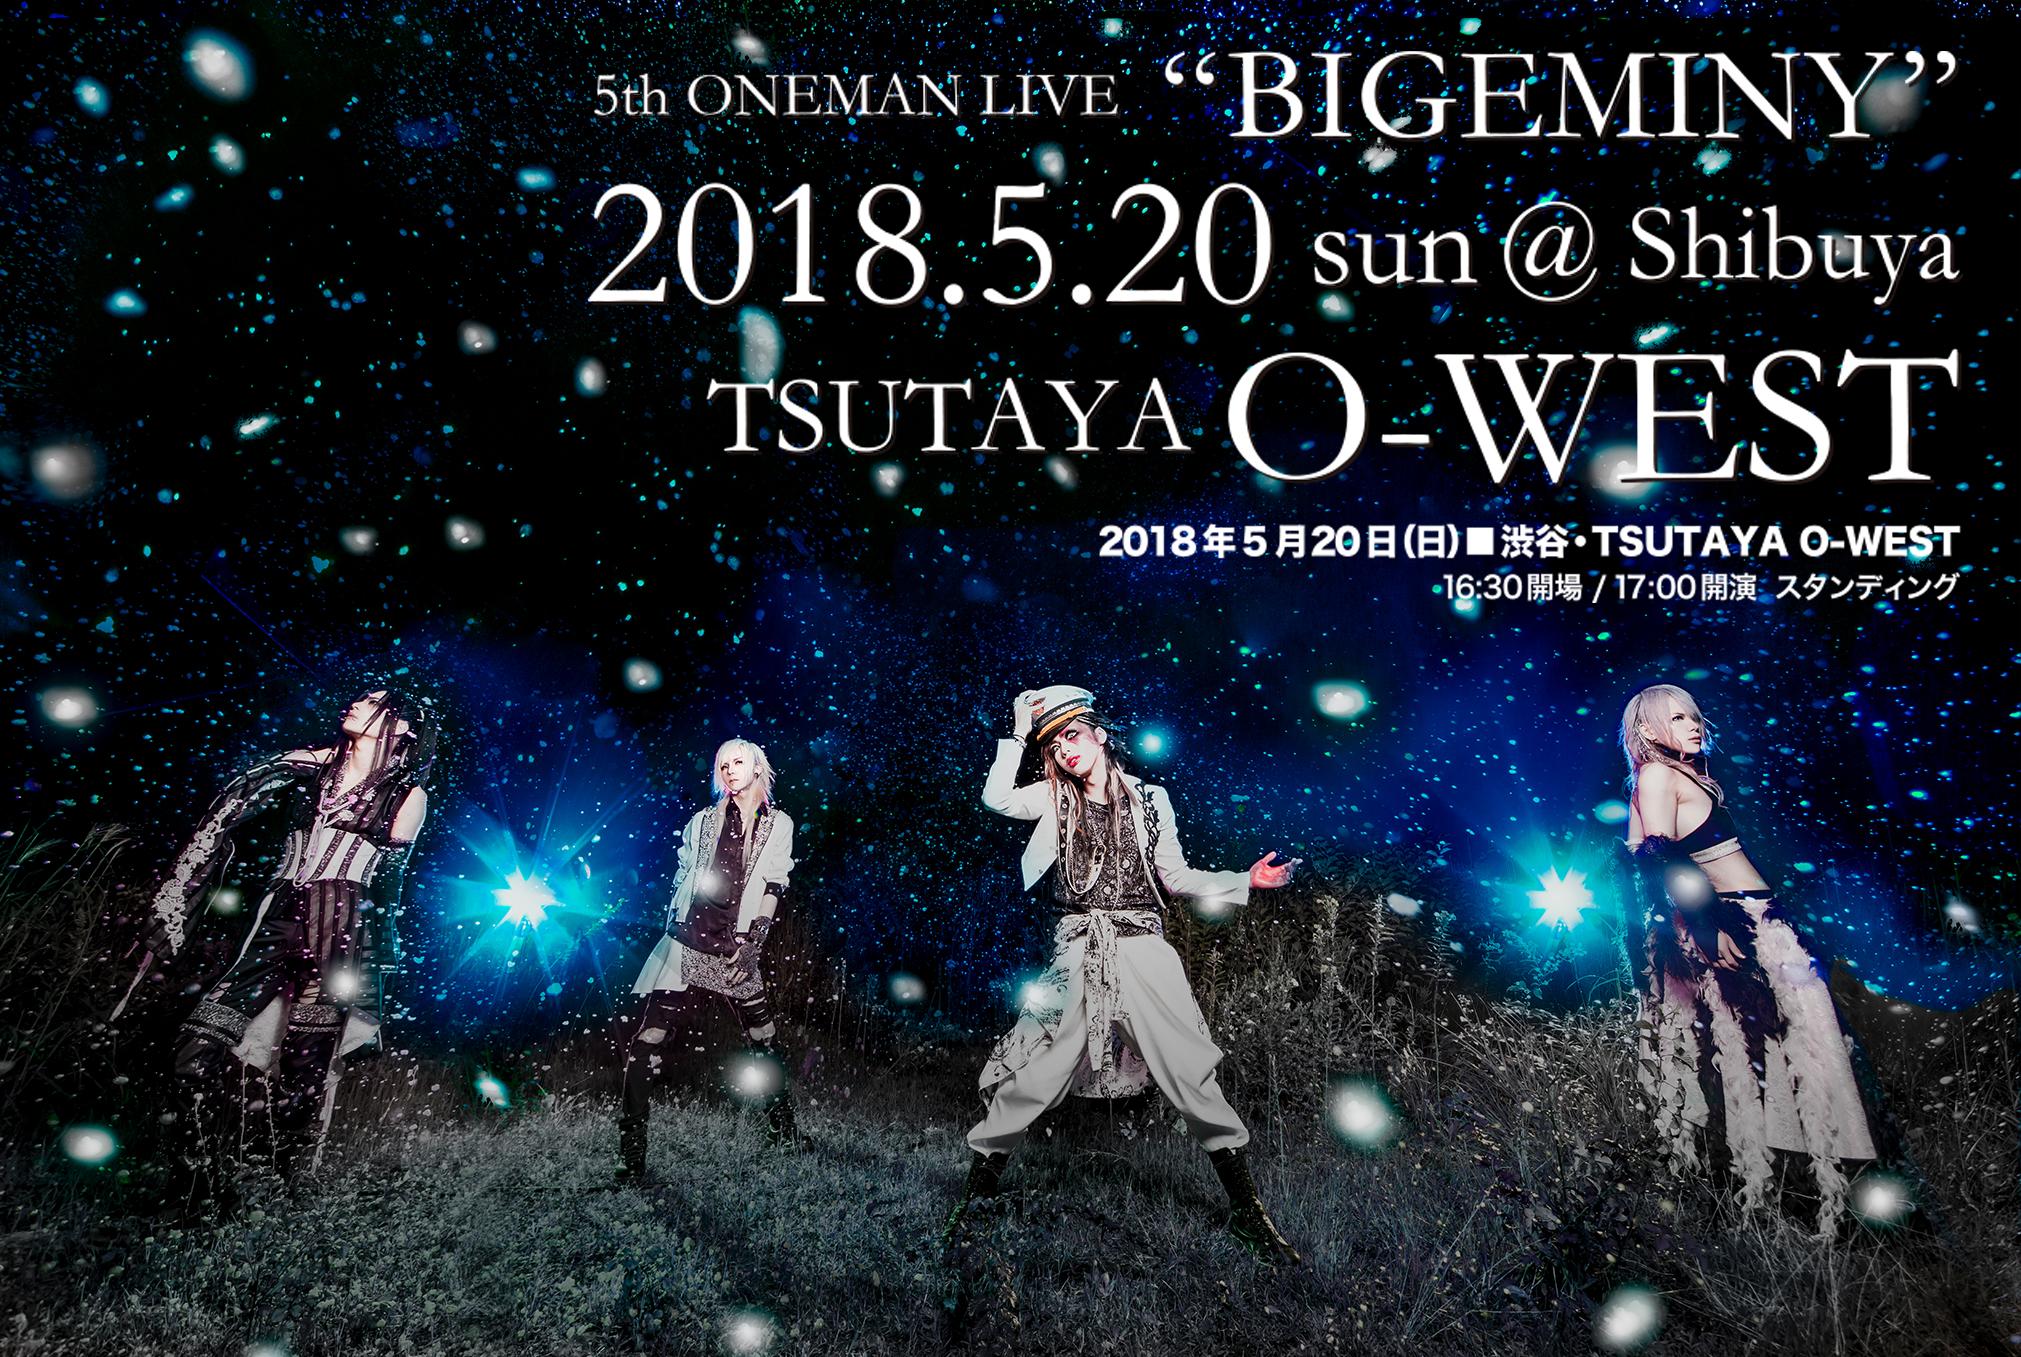 渋谷●O-WEST(5thワンマン)